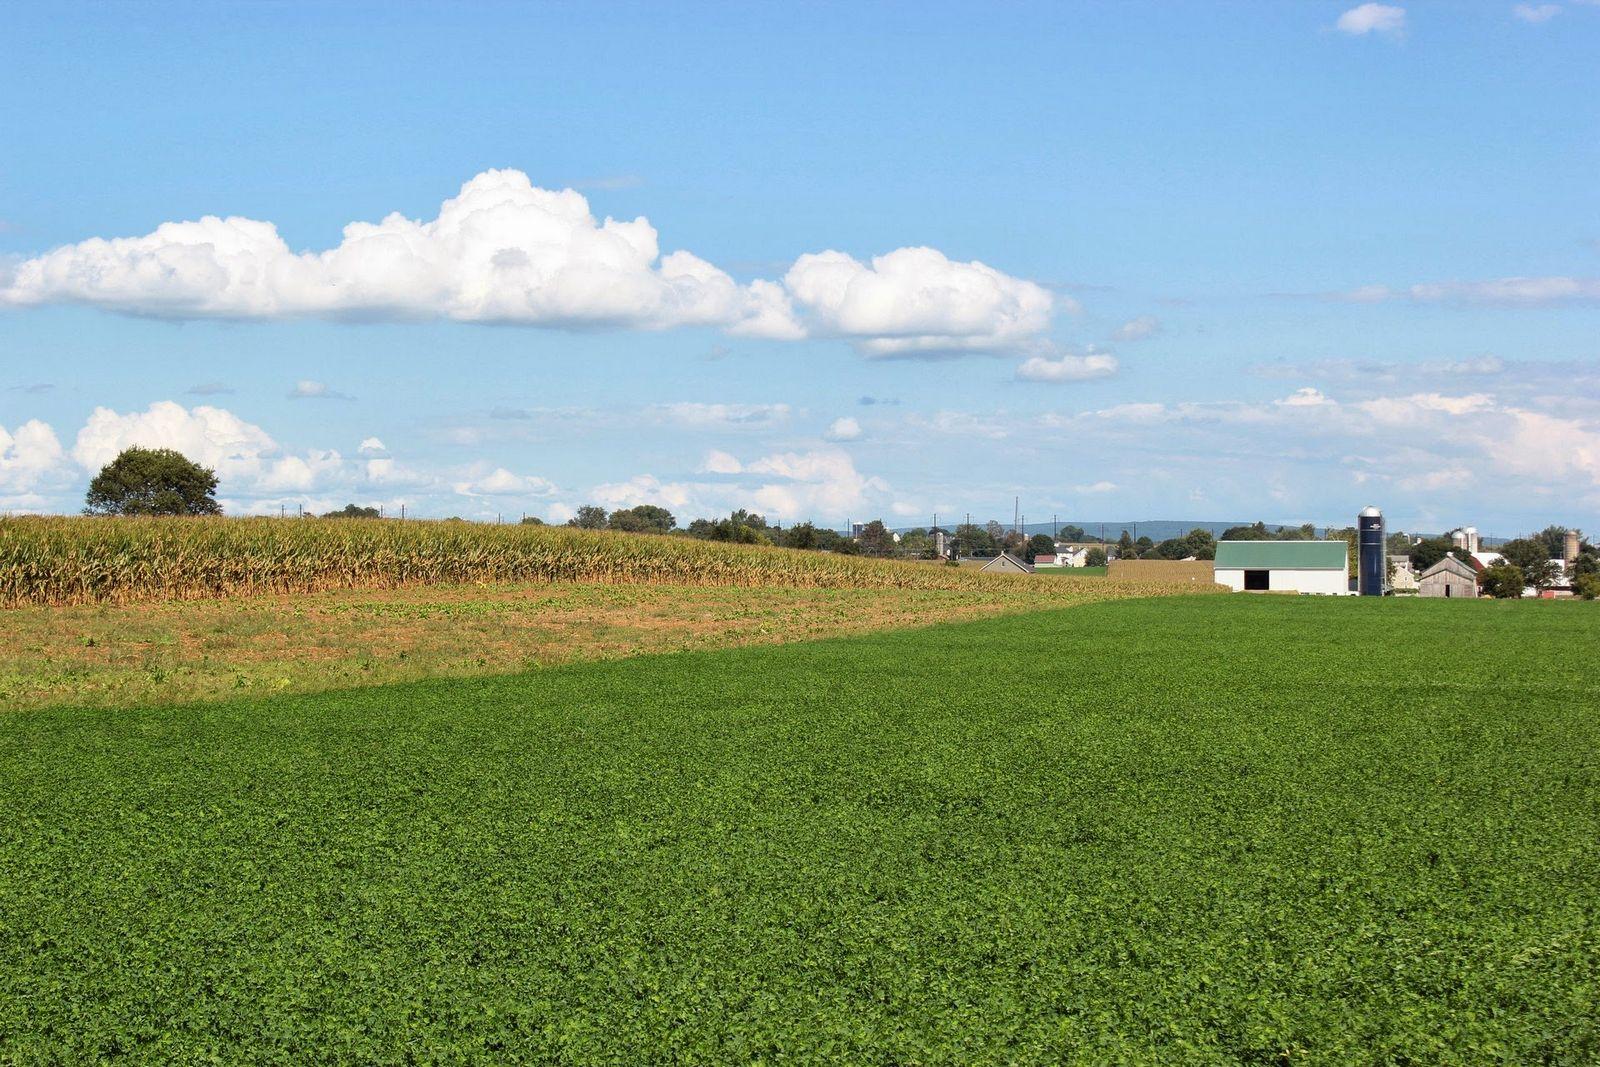 Enormes campos de maíz mires hacia donde mires